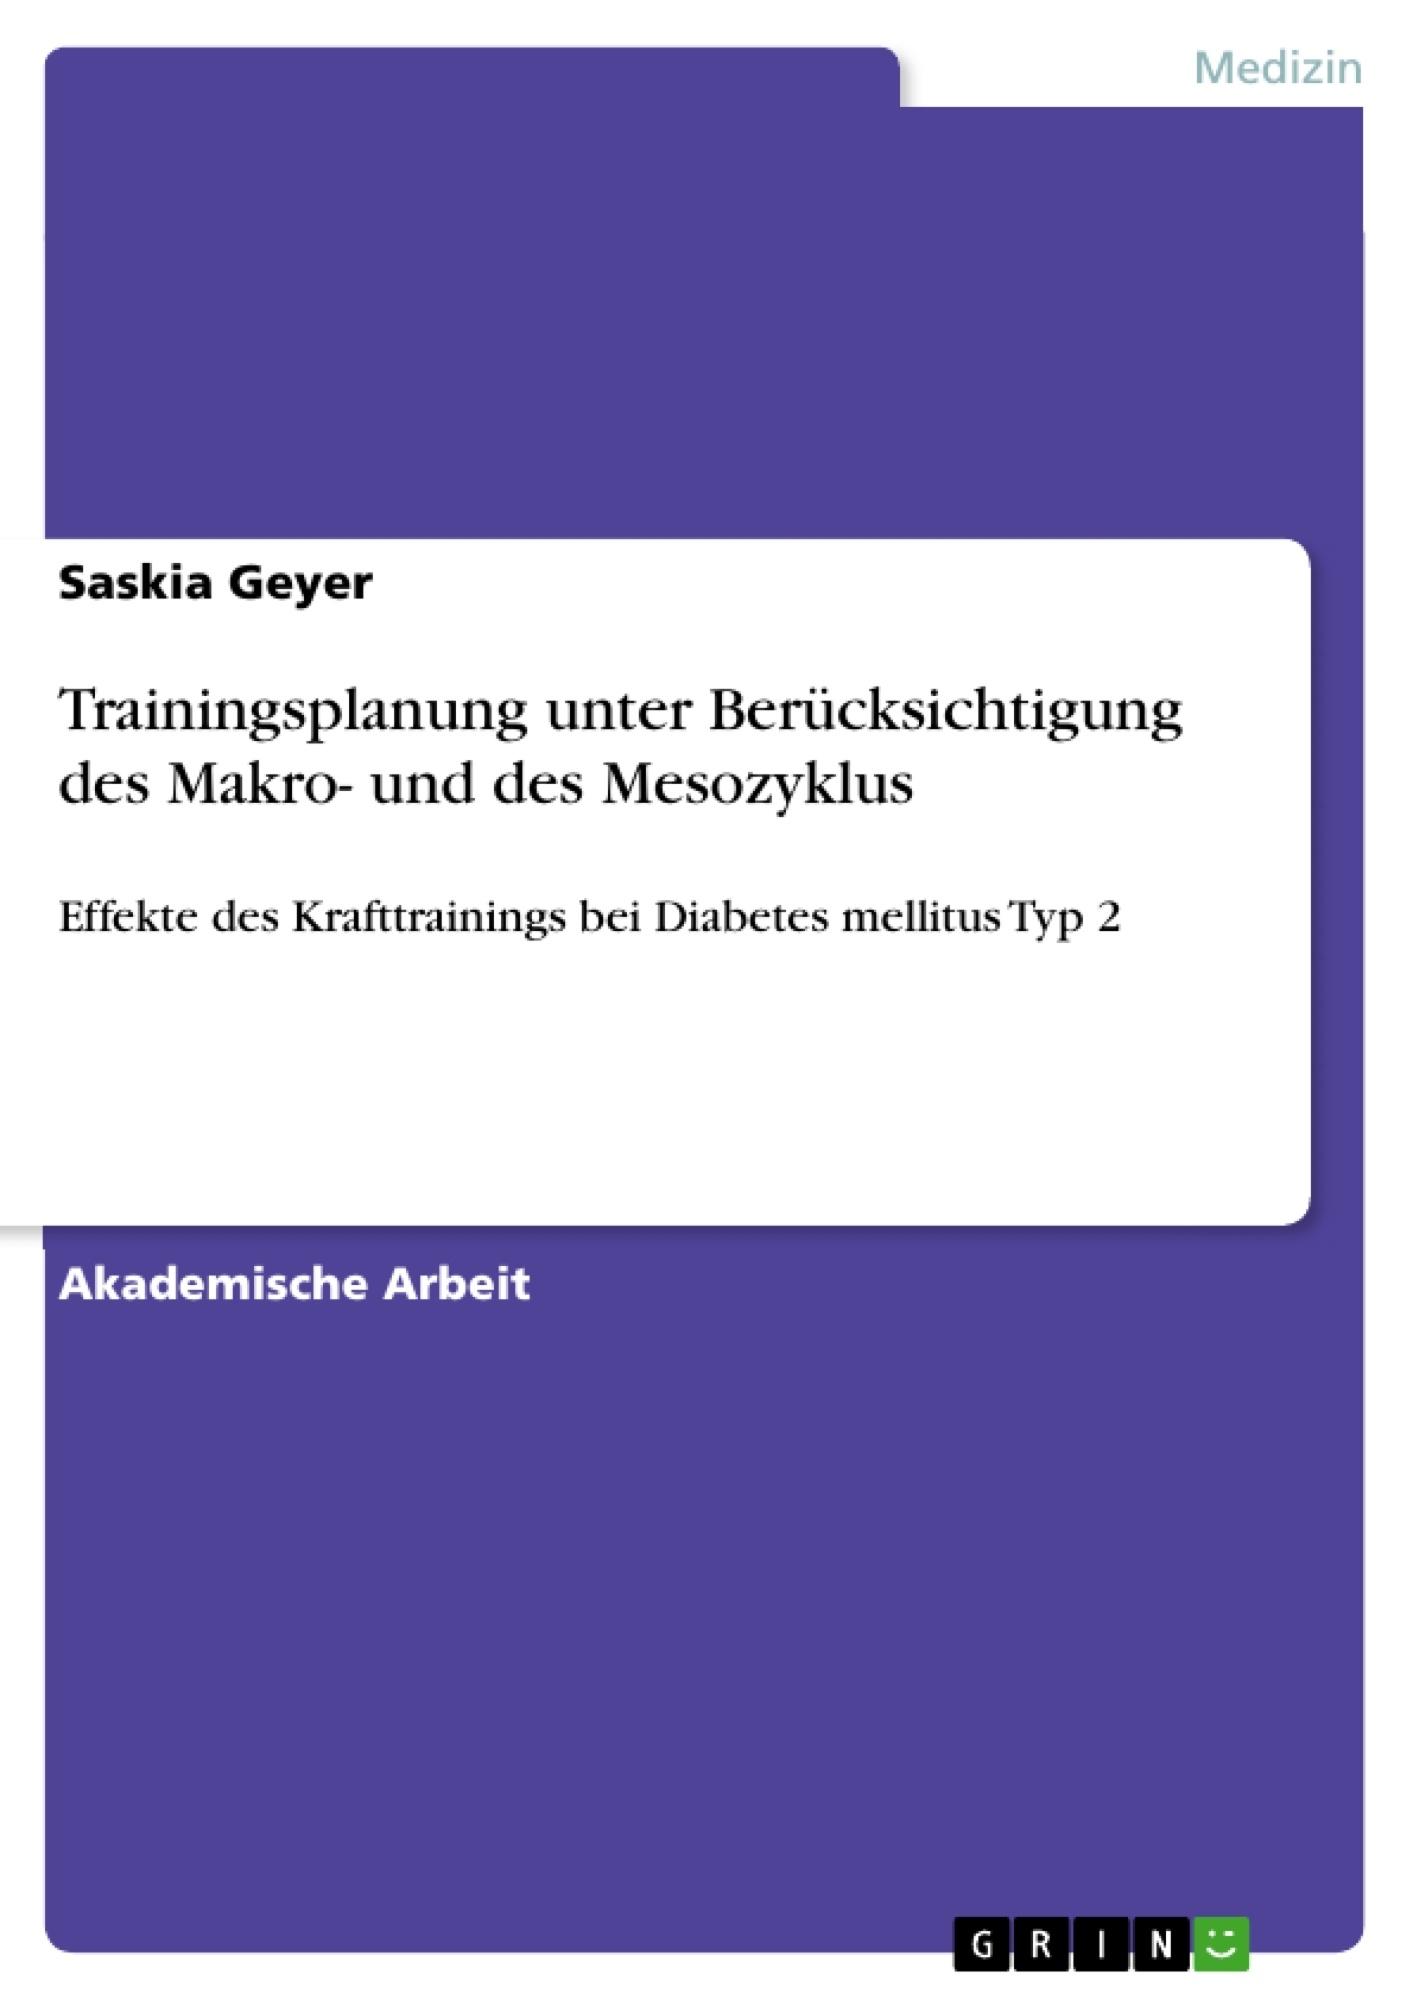 Titel: Trainingsplanung unter Berücksichtigung des Makro- und des Mesozyklus